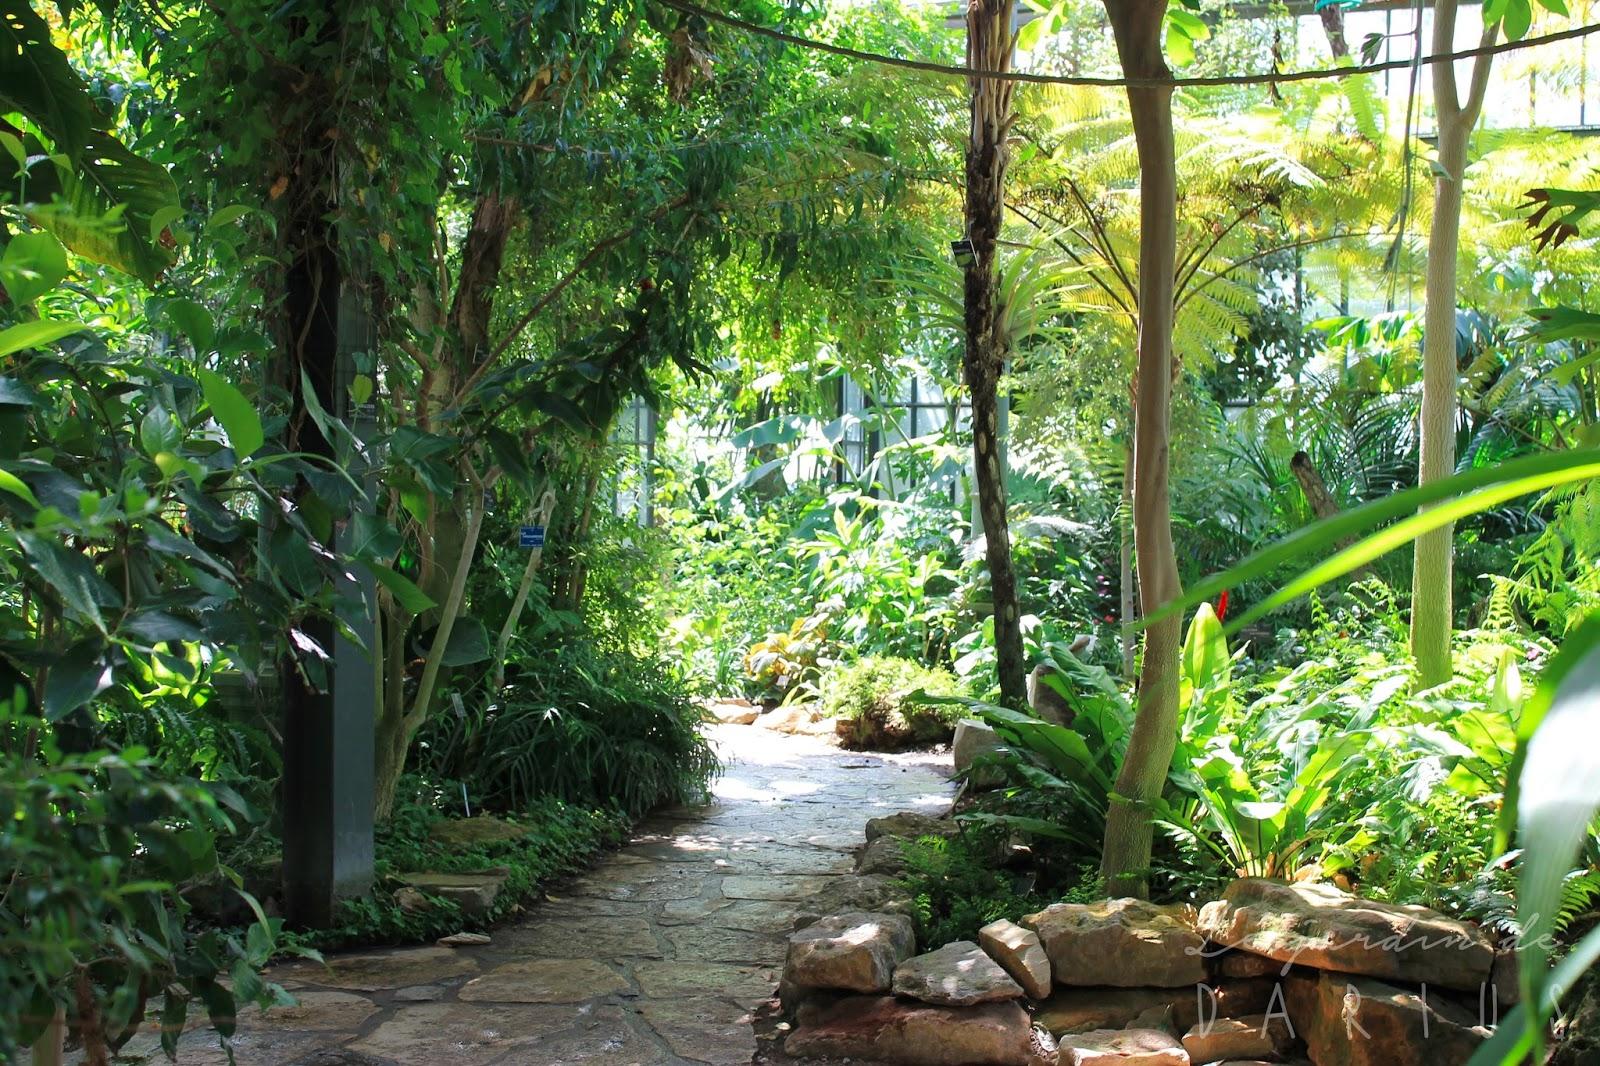 le jardin de darius jardin botanique de lyon parc de la t te d 39 or. Black Bedroom Furniture Sets. Home Design Ideas